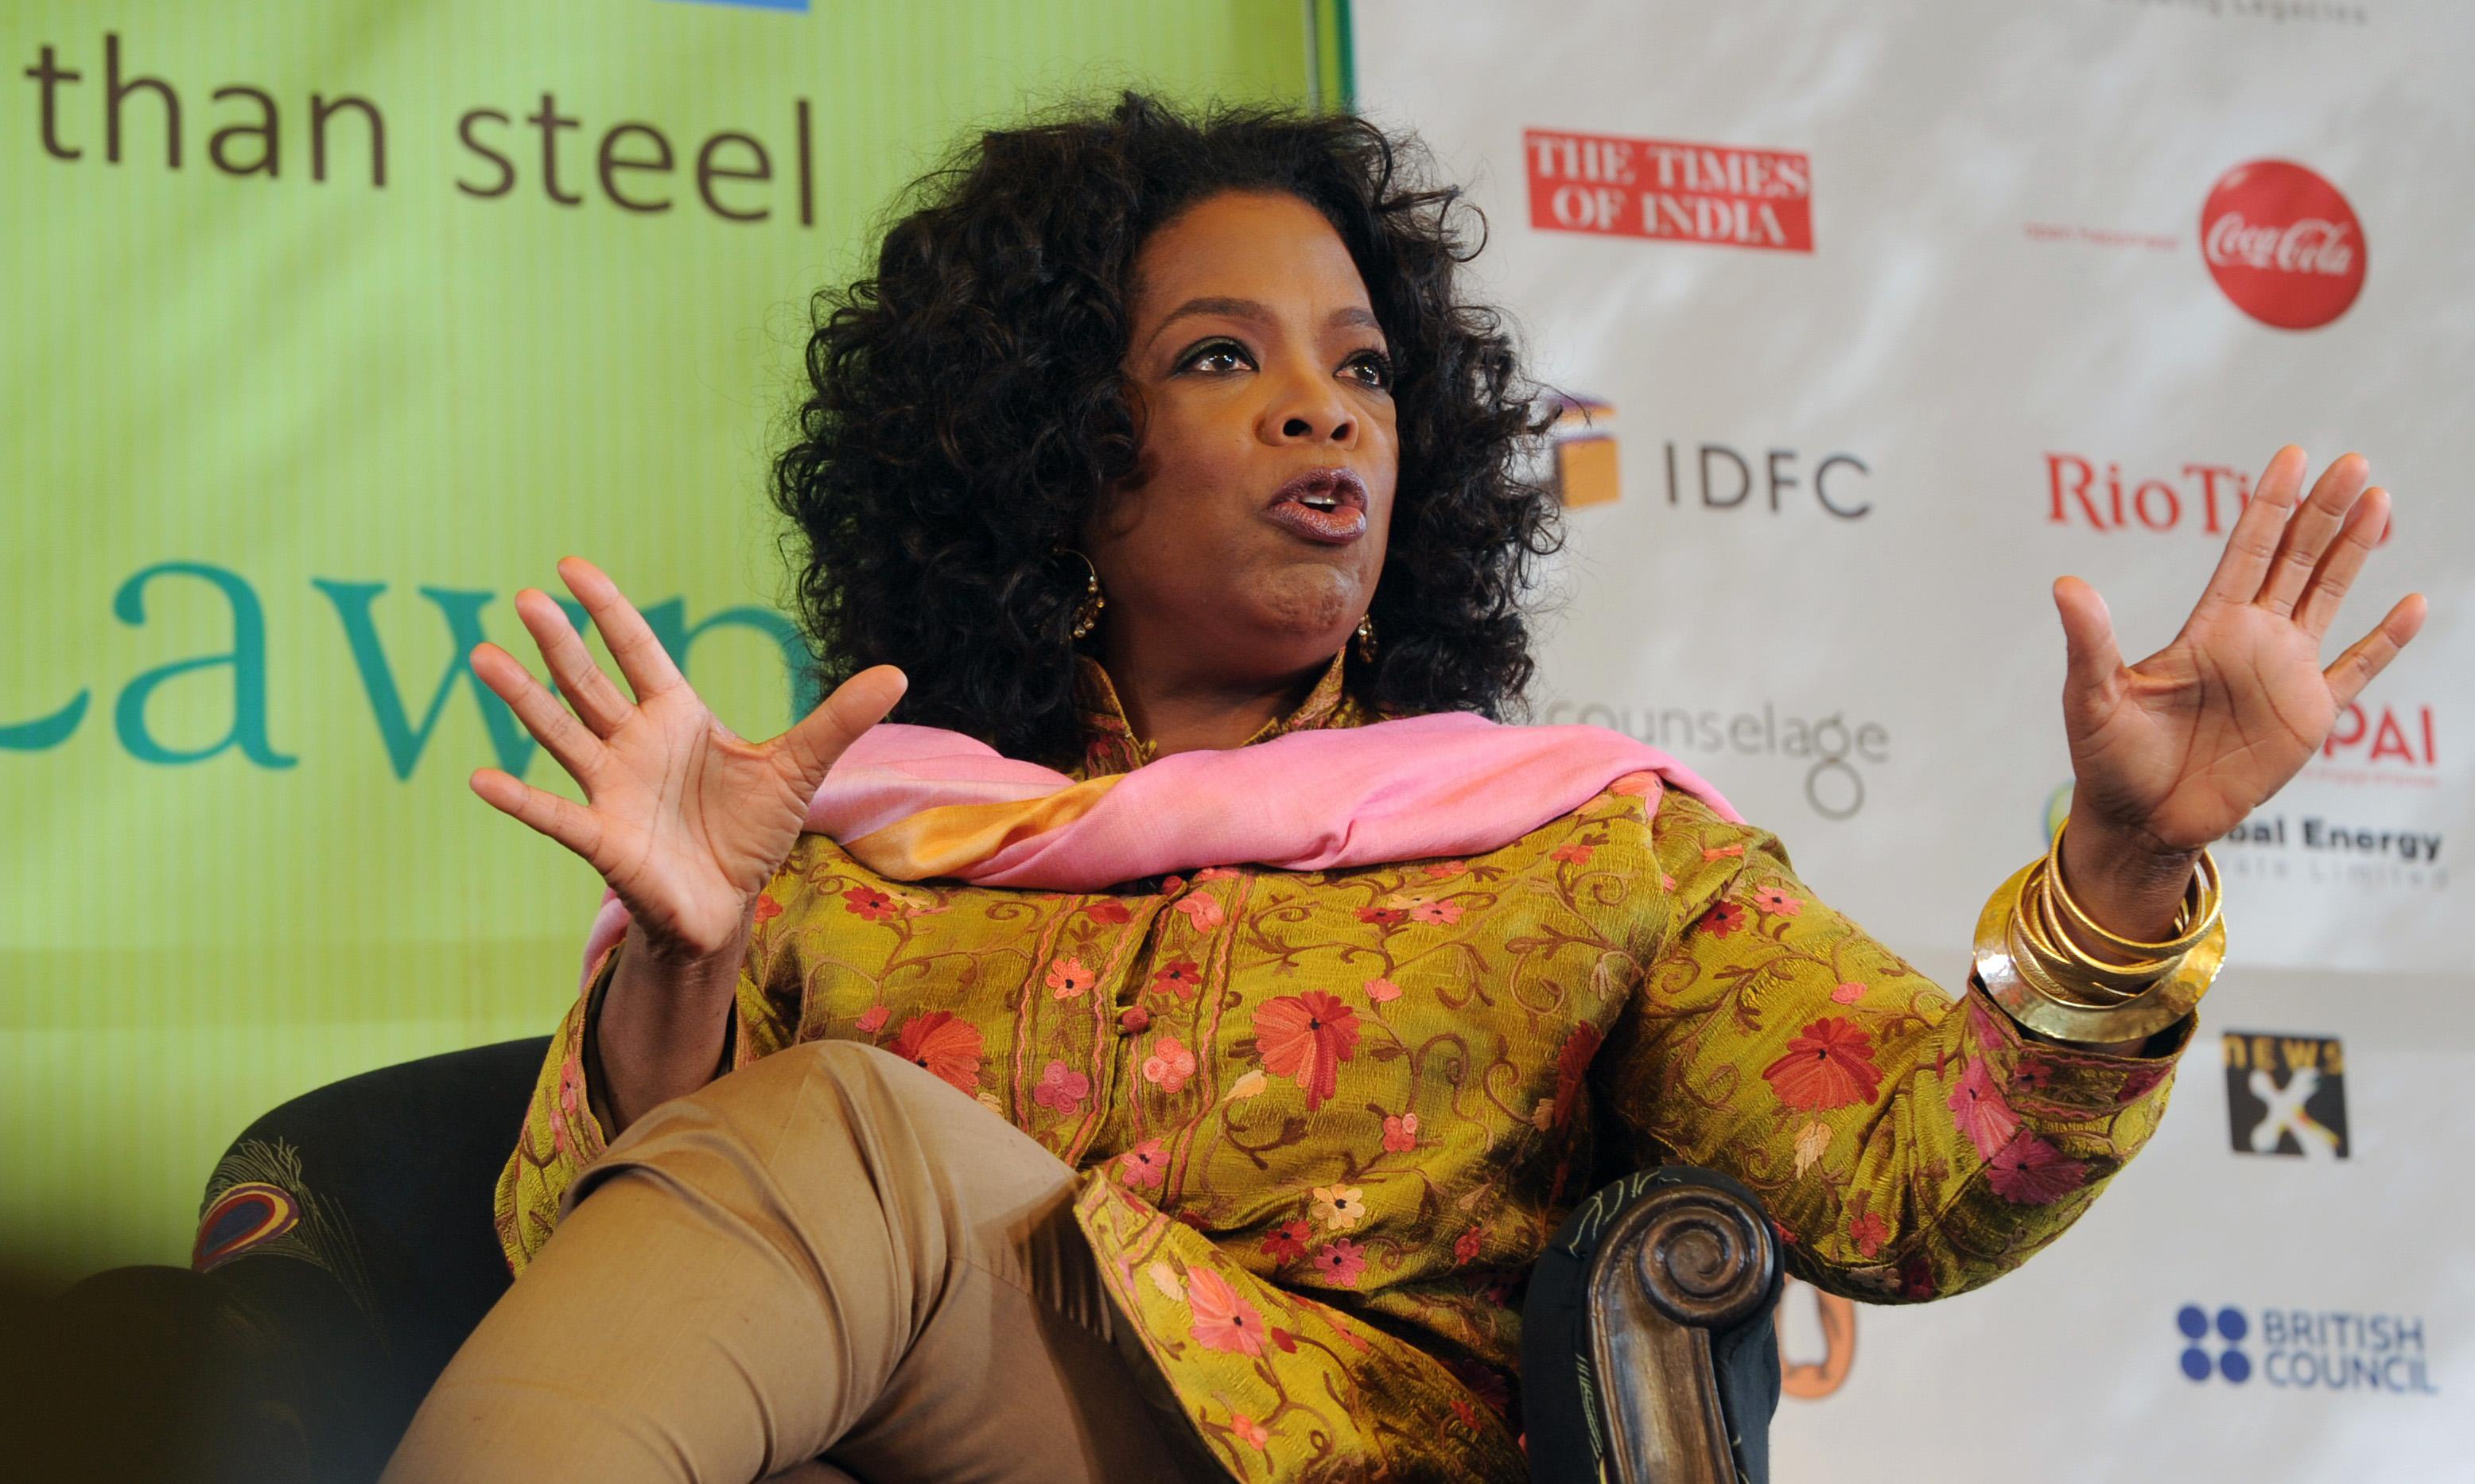 Oprah Winfrey-Jeremy Meeks Hoax: Wie Soziale-Network User auf den Hoax reagieren